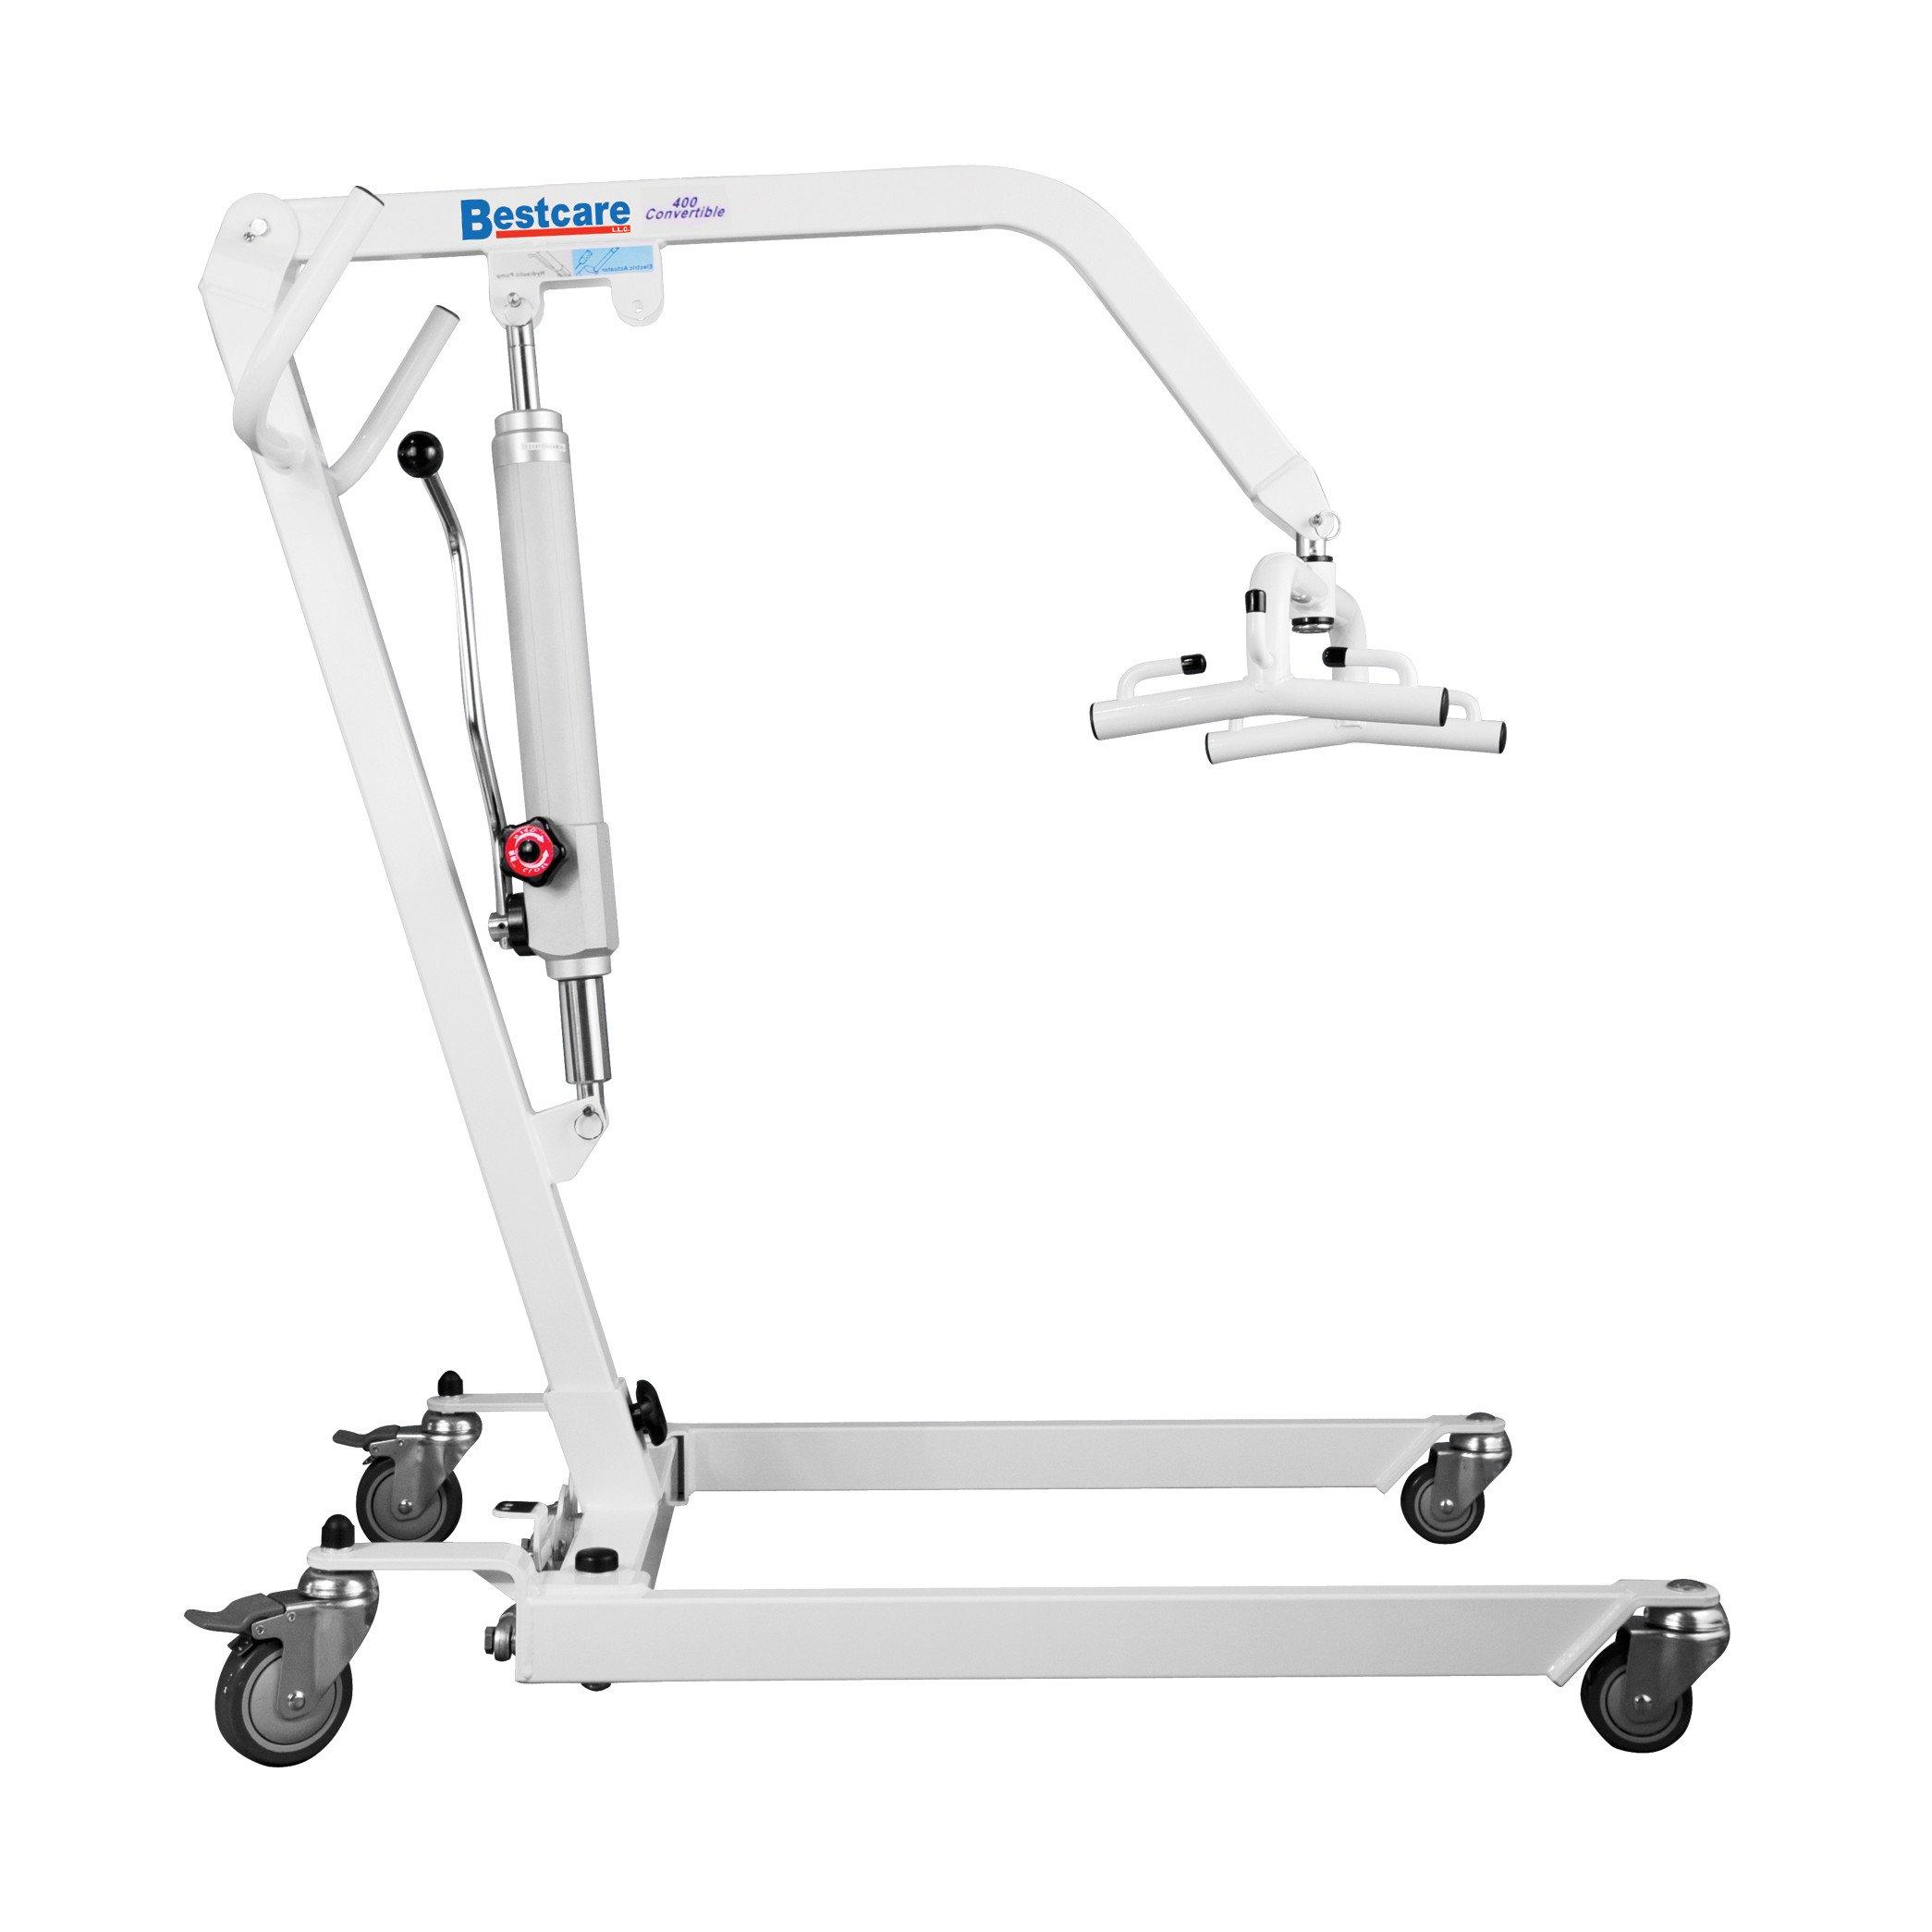 Hydraulic Medical Lift Chair : Bestcare bestlift genesis hydraulic